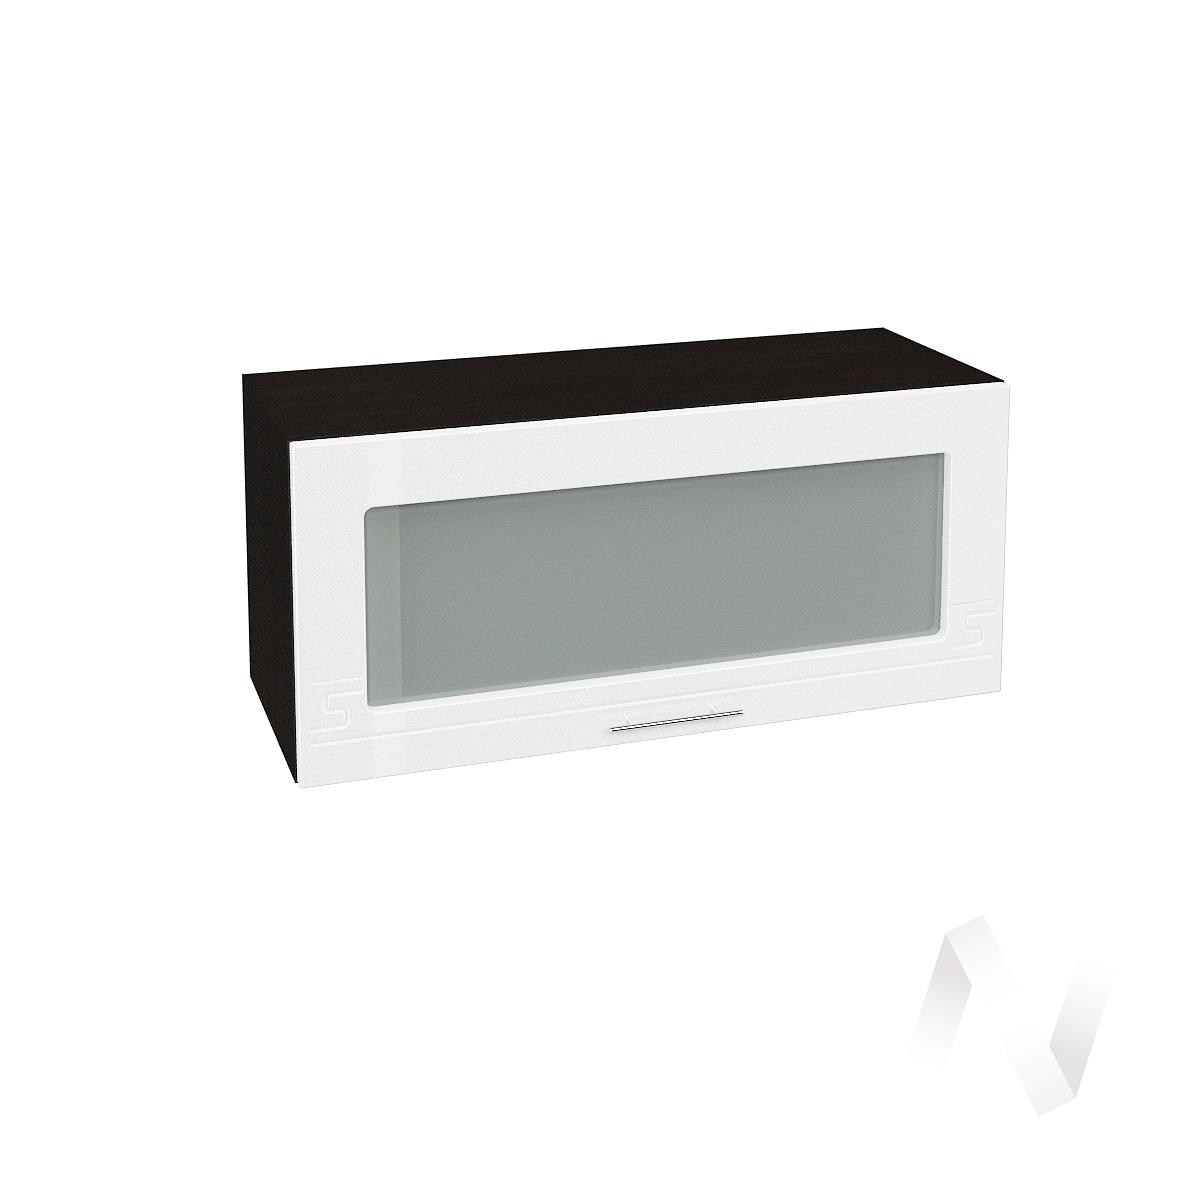 """Кухня """"Греция"""": Шкаф верхний горизонтальный со стеклом 800, ШВГС 800 (белый металлик/корпус венге)  в Новосибирске - интернет магазин Мебельный Проспект"""